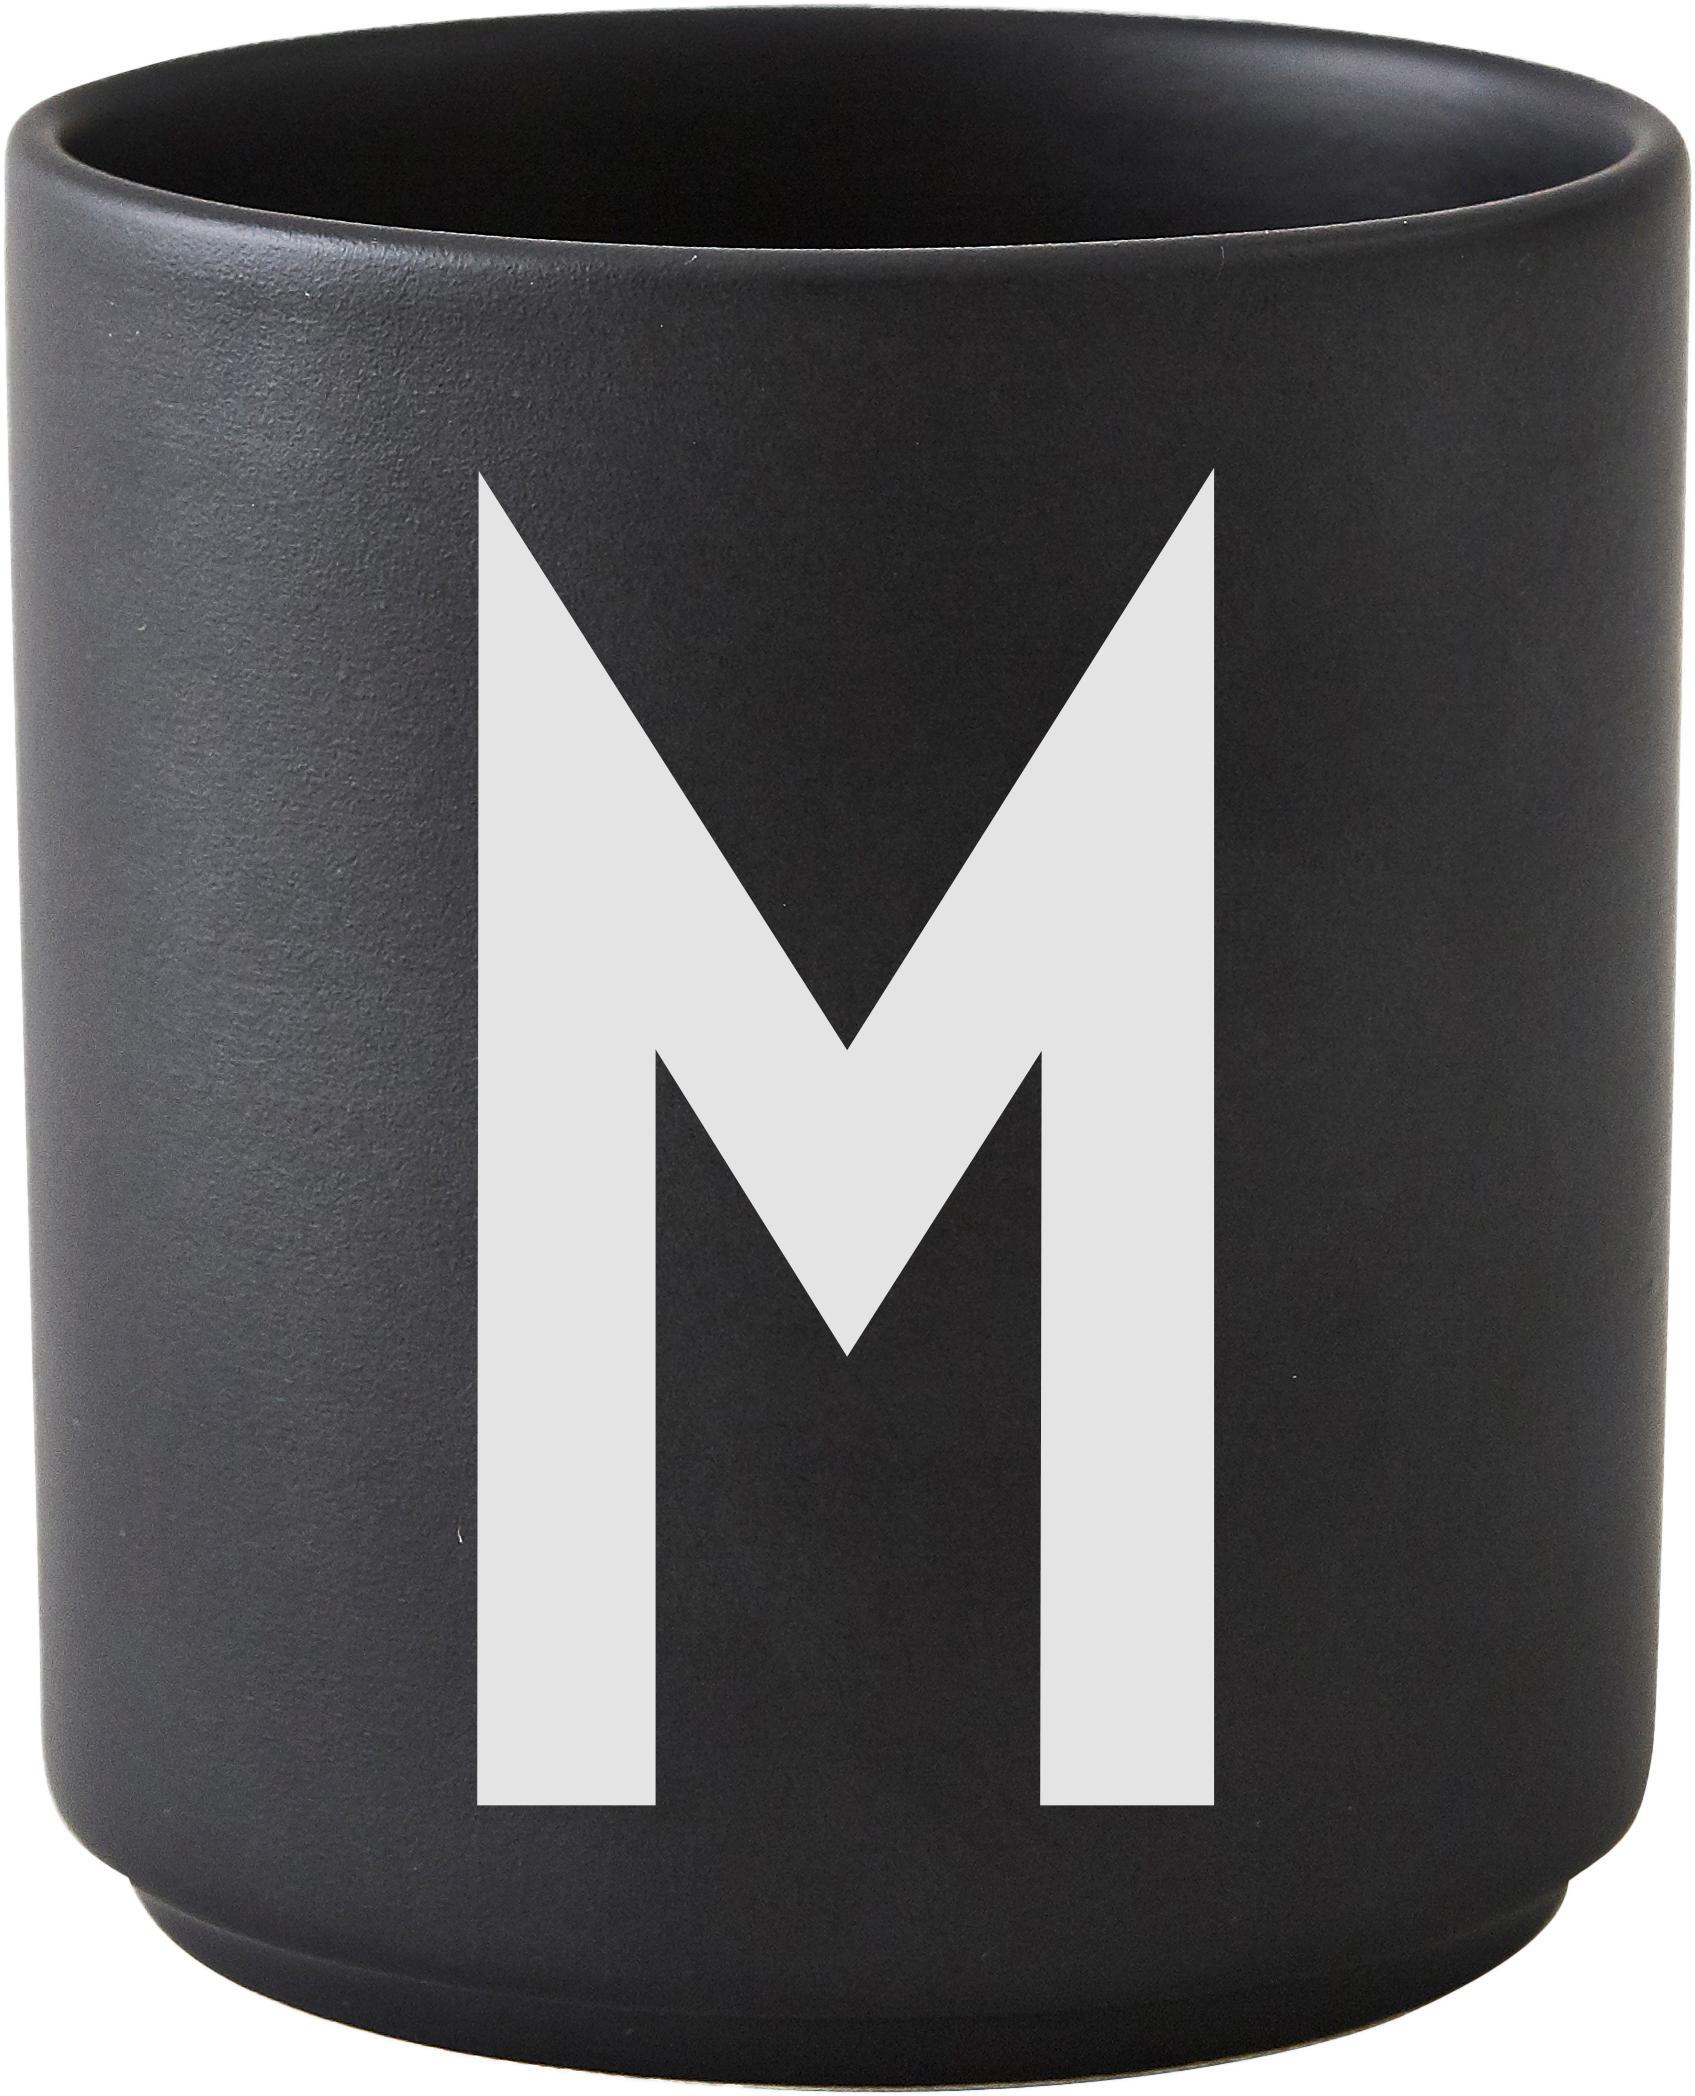 Design Becher Personal mit Buchstaben (Varianten von A bis Z), Fine Bone China (Porzellan), Schwarz matt, Weiß, Becher M